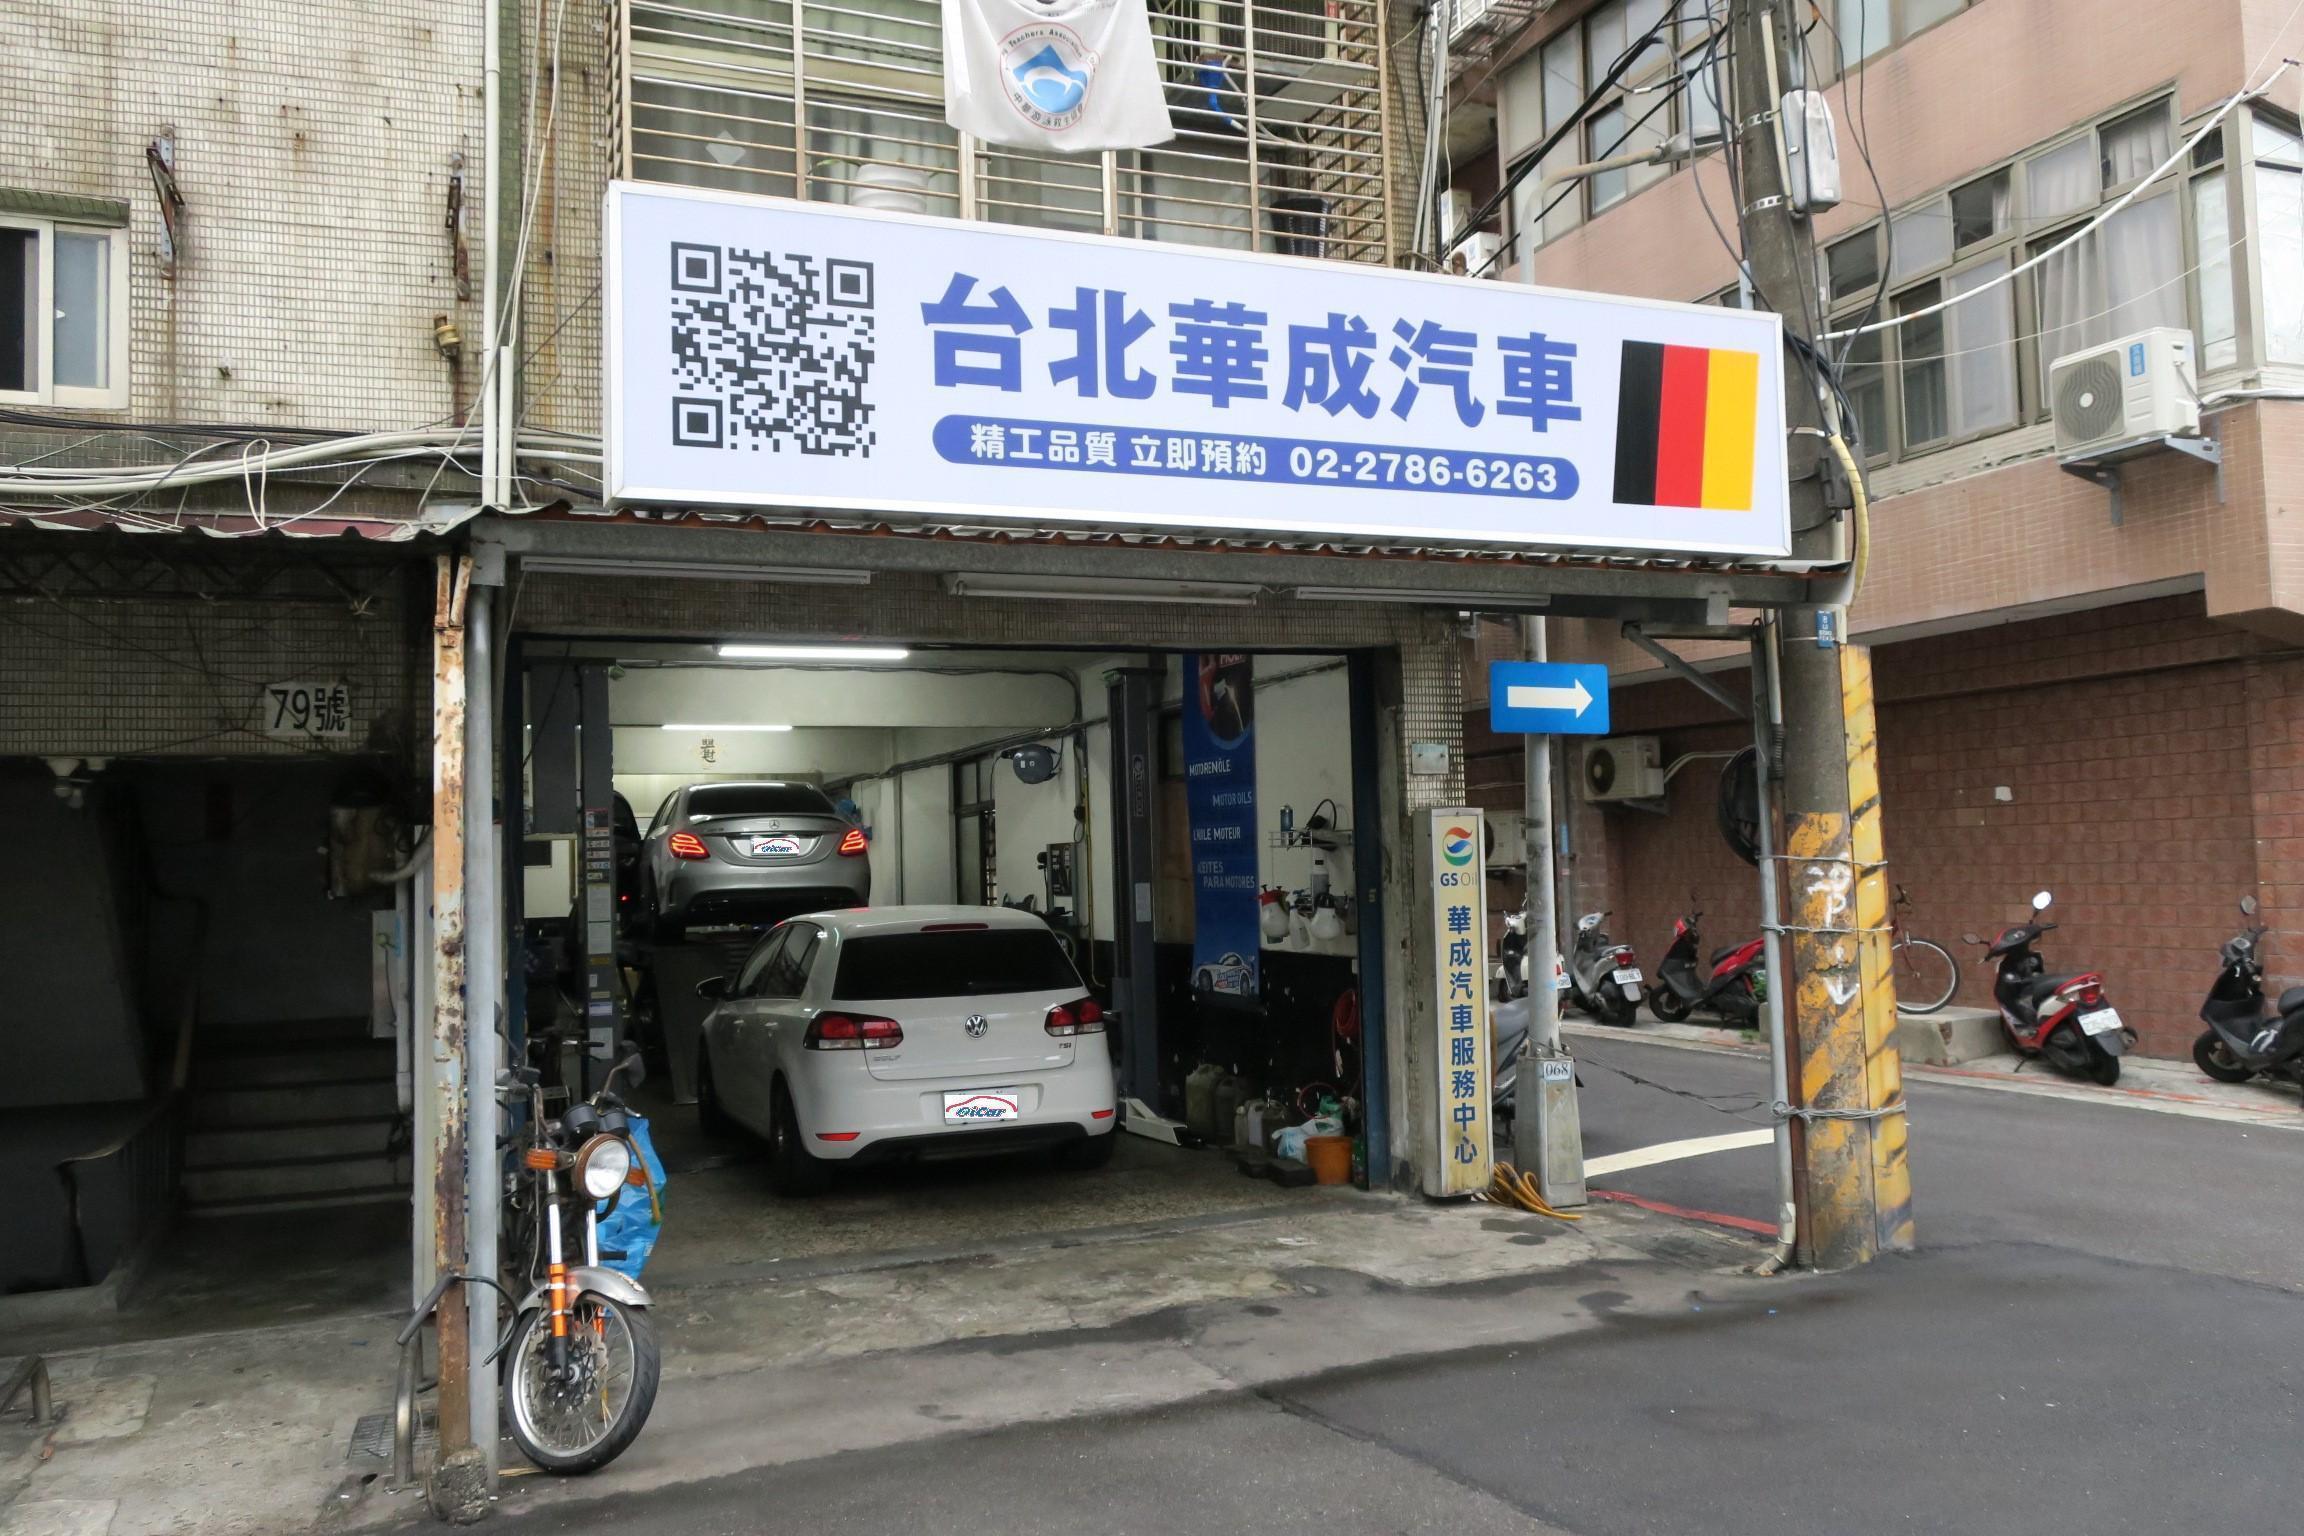 台北華成汽車台北華成汽車35坪空間,屬於長方形場地,招牌明顯的德國色彩就知道是間歐系精修廠